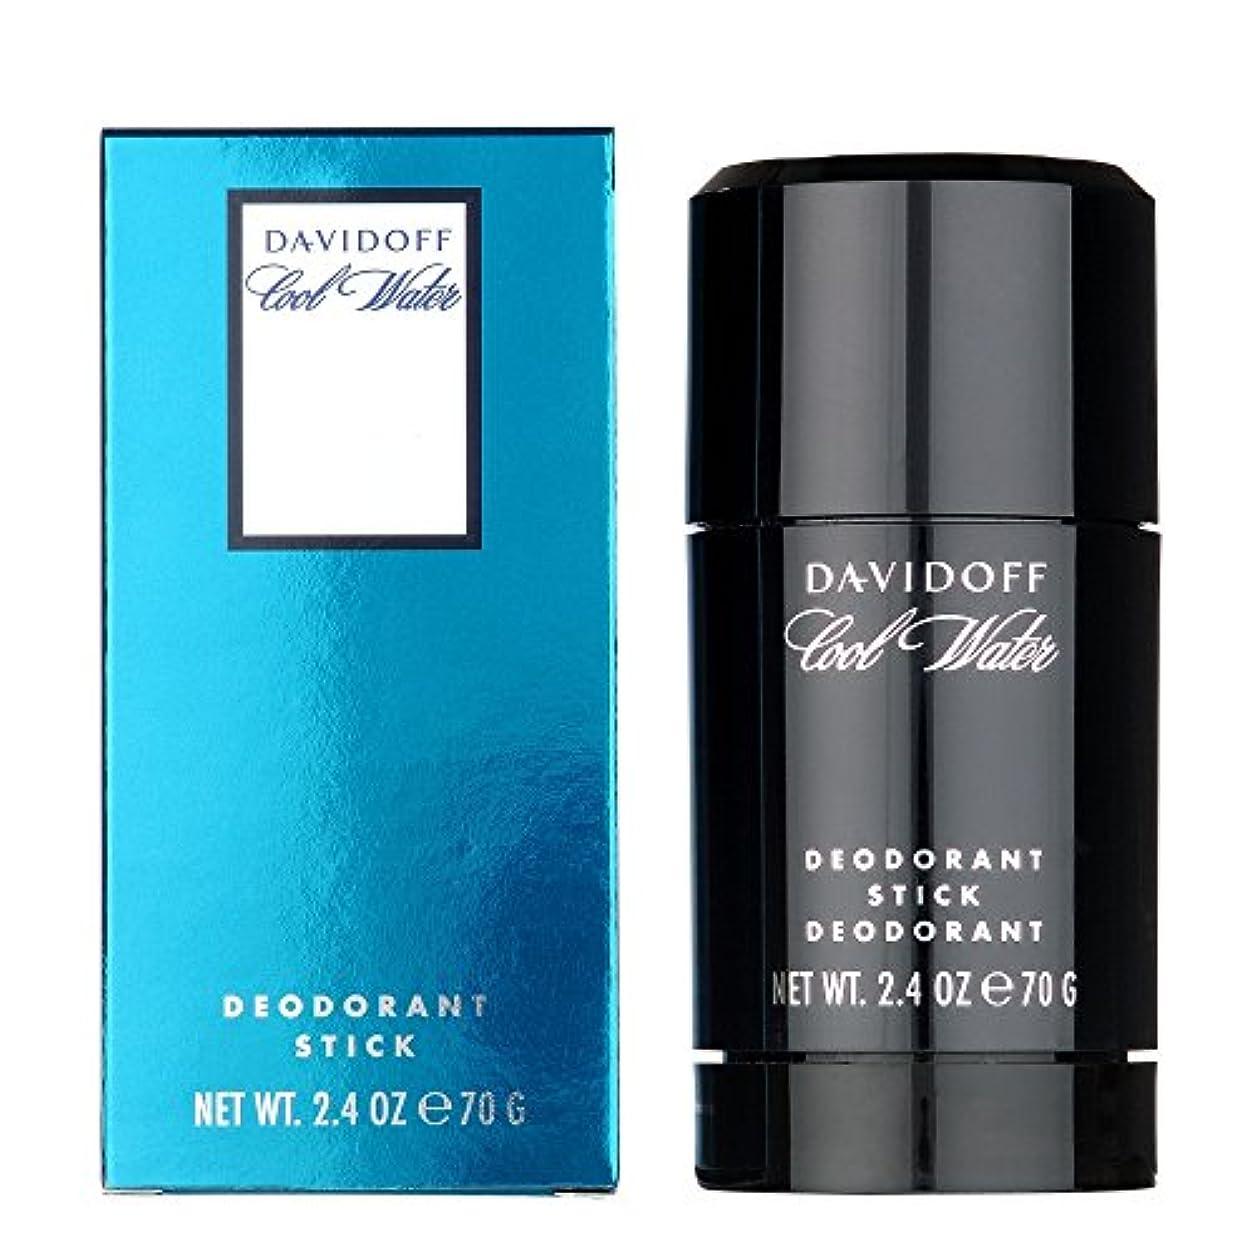 クスコクリームリアルダビドフクールウォーターデオドラントスティック70グラム (Davidoff) - Davidoff Cool Water Deodorant Stick 70g [並行輸入品]